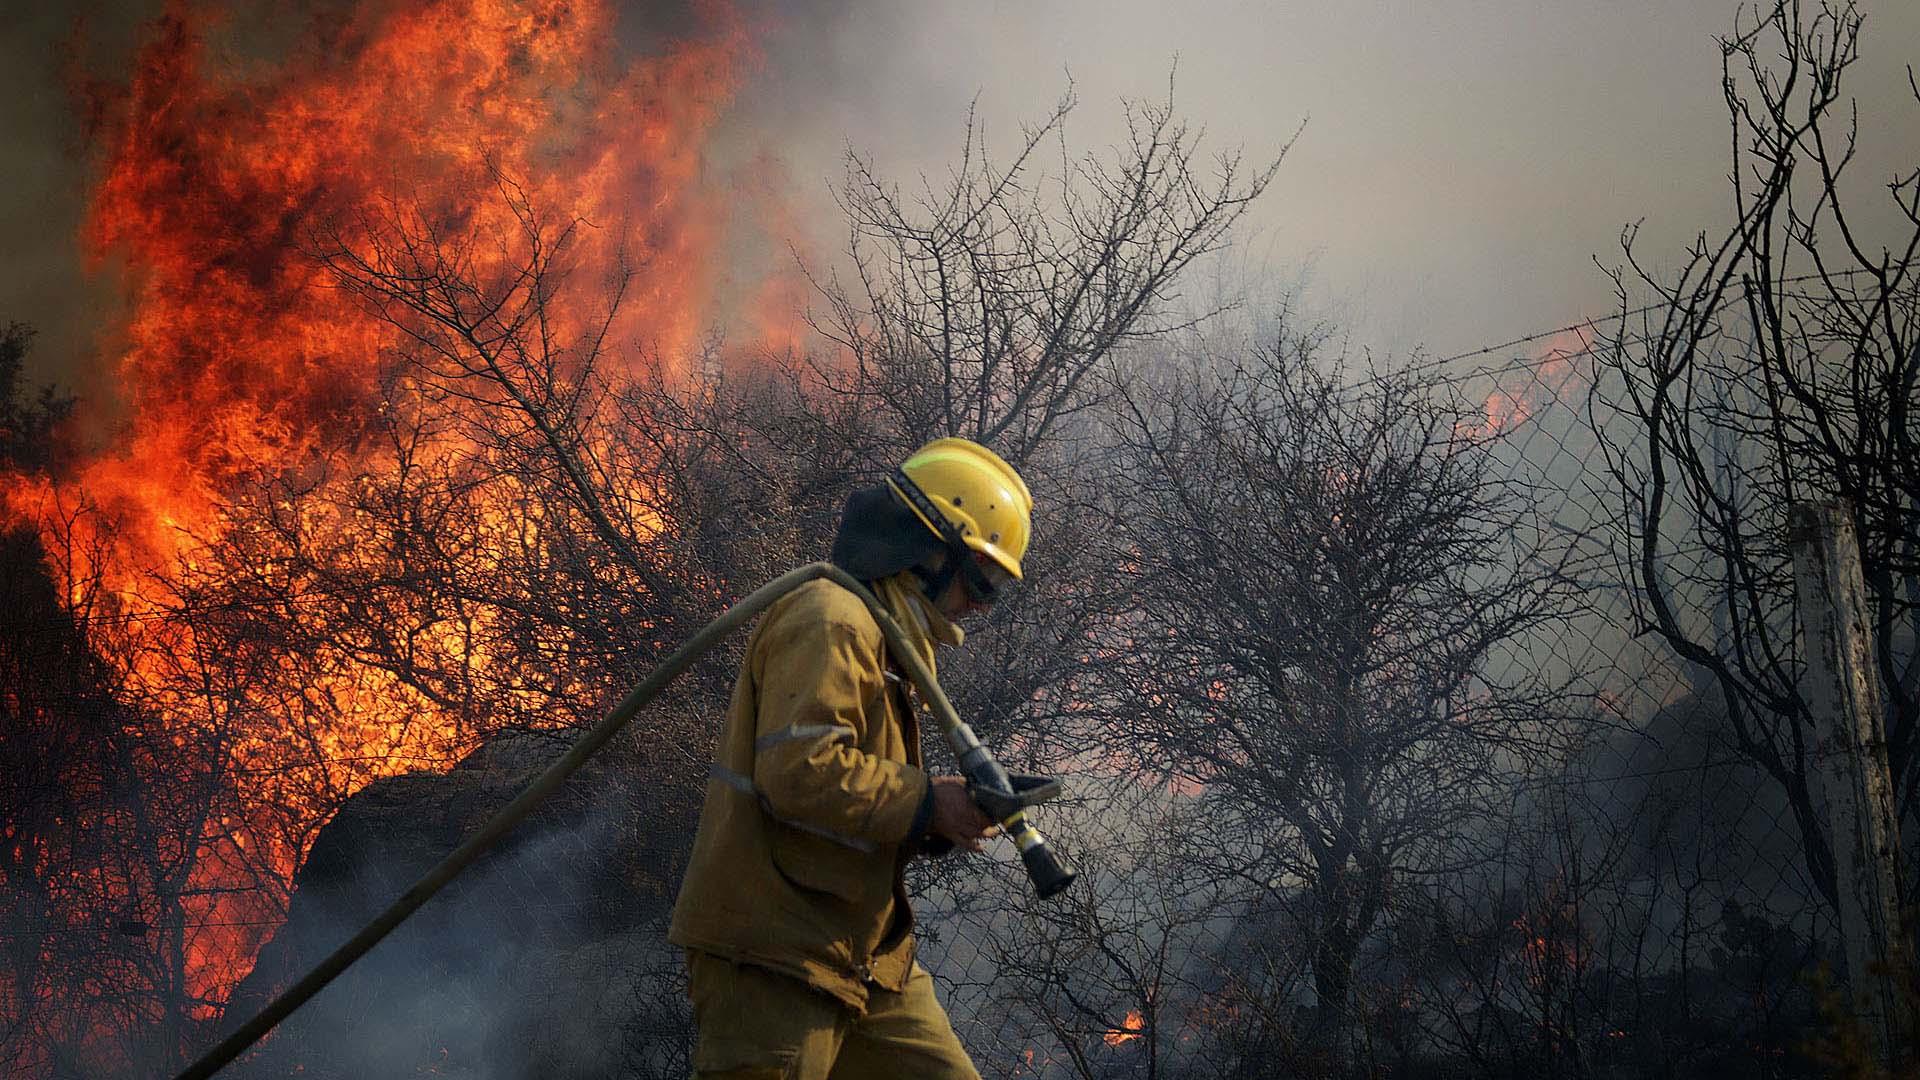 2020 fue el año con más focos de incendios forestales en toda la historia argentina: desde enero y hasta noviembre se habían registrado 69.600 focos en alrededor de doce provincias